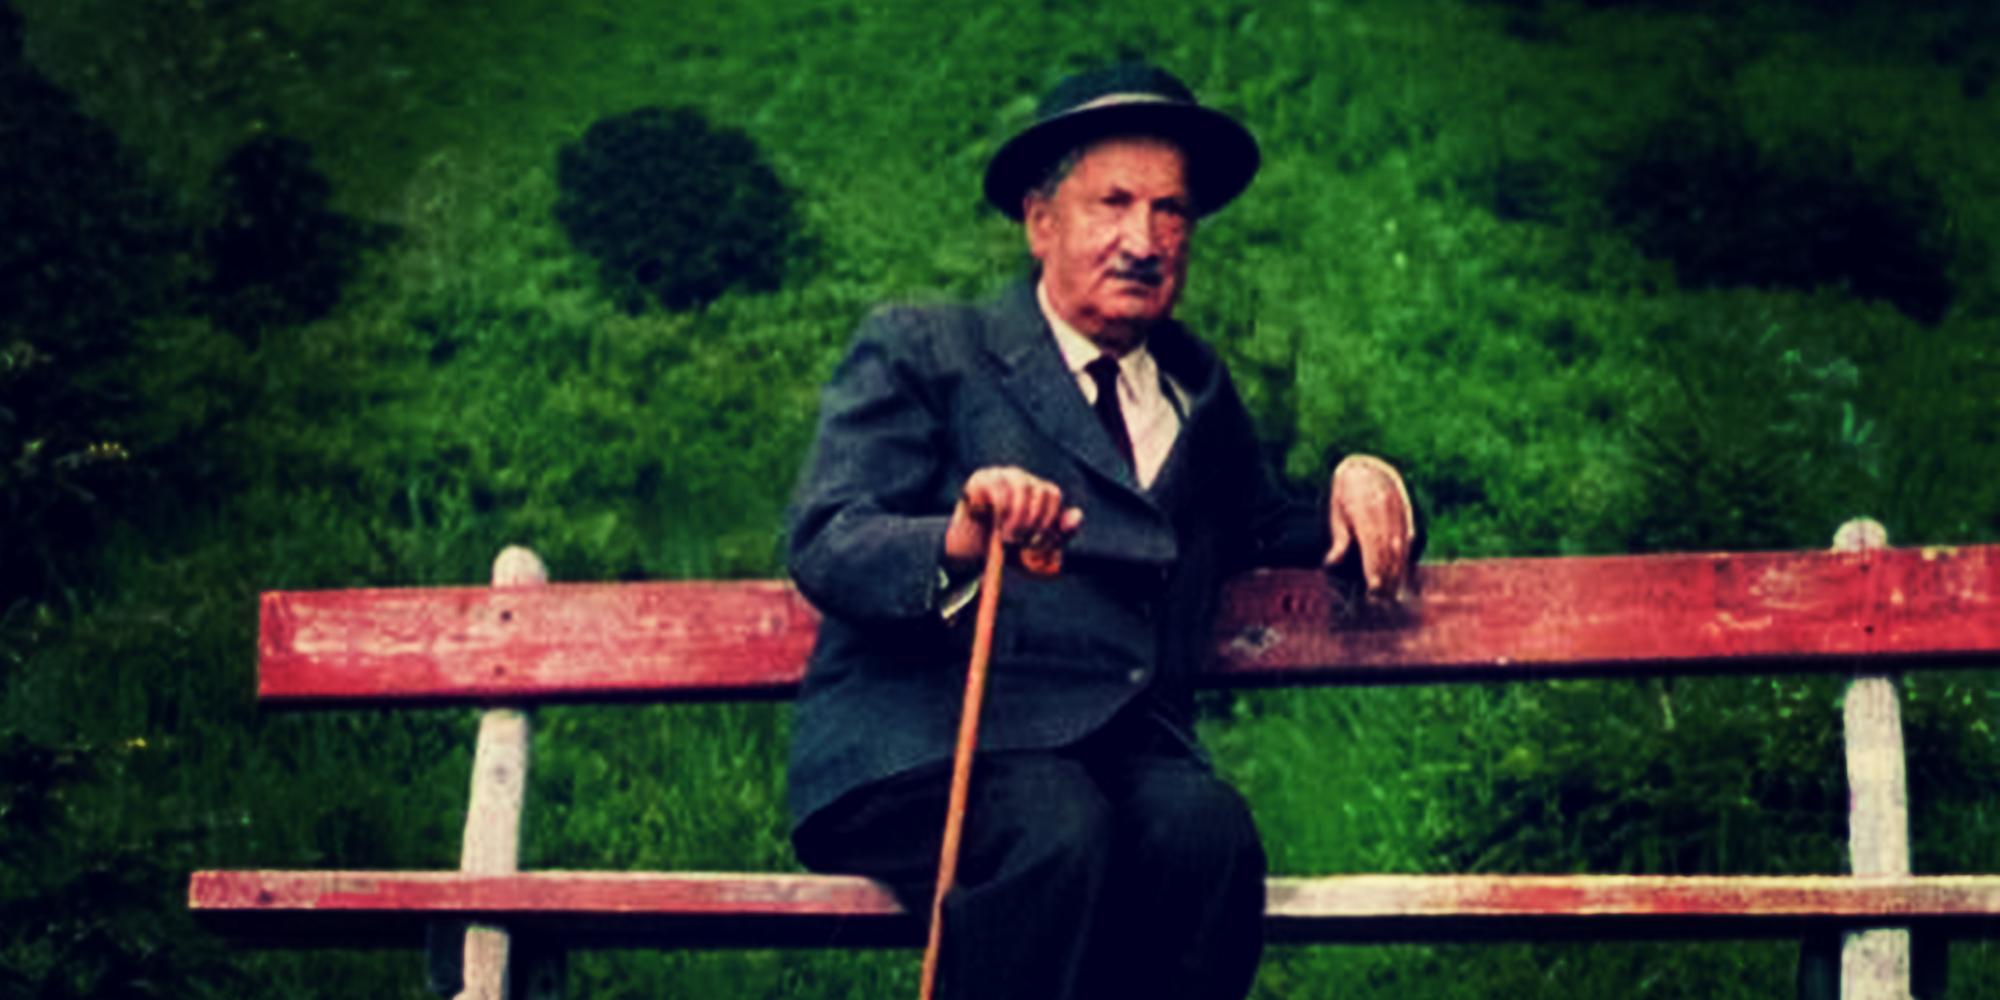 Os Conceitos Fundamentais da Metafísica: Mundo, Finitude, Solidão | Martin Heidegger